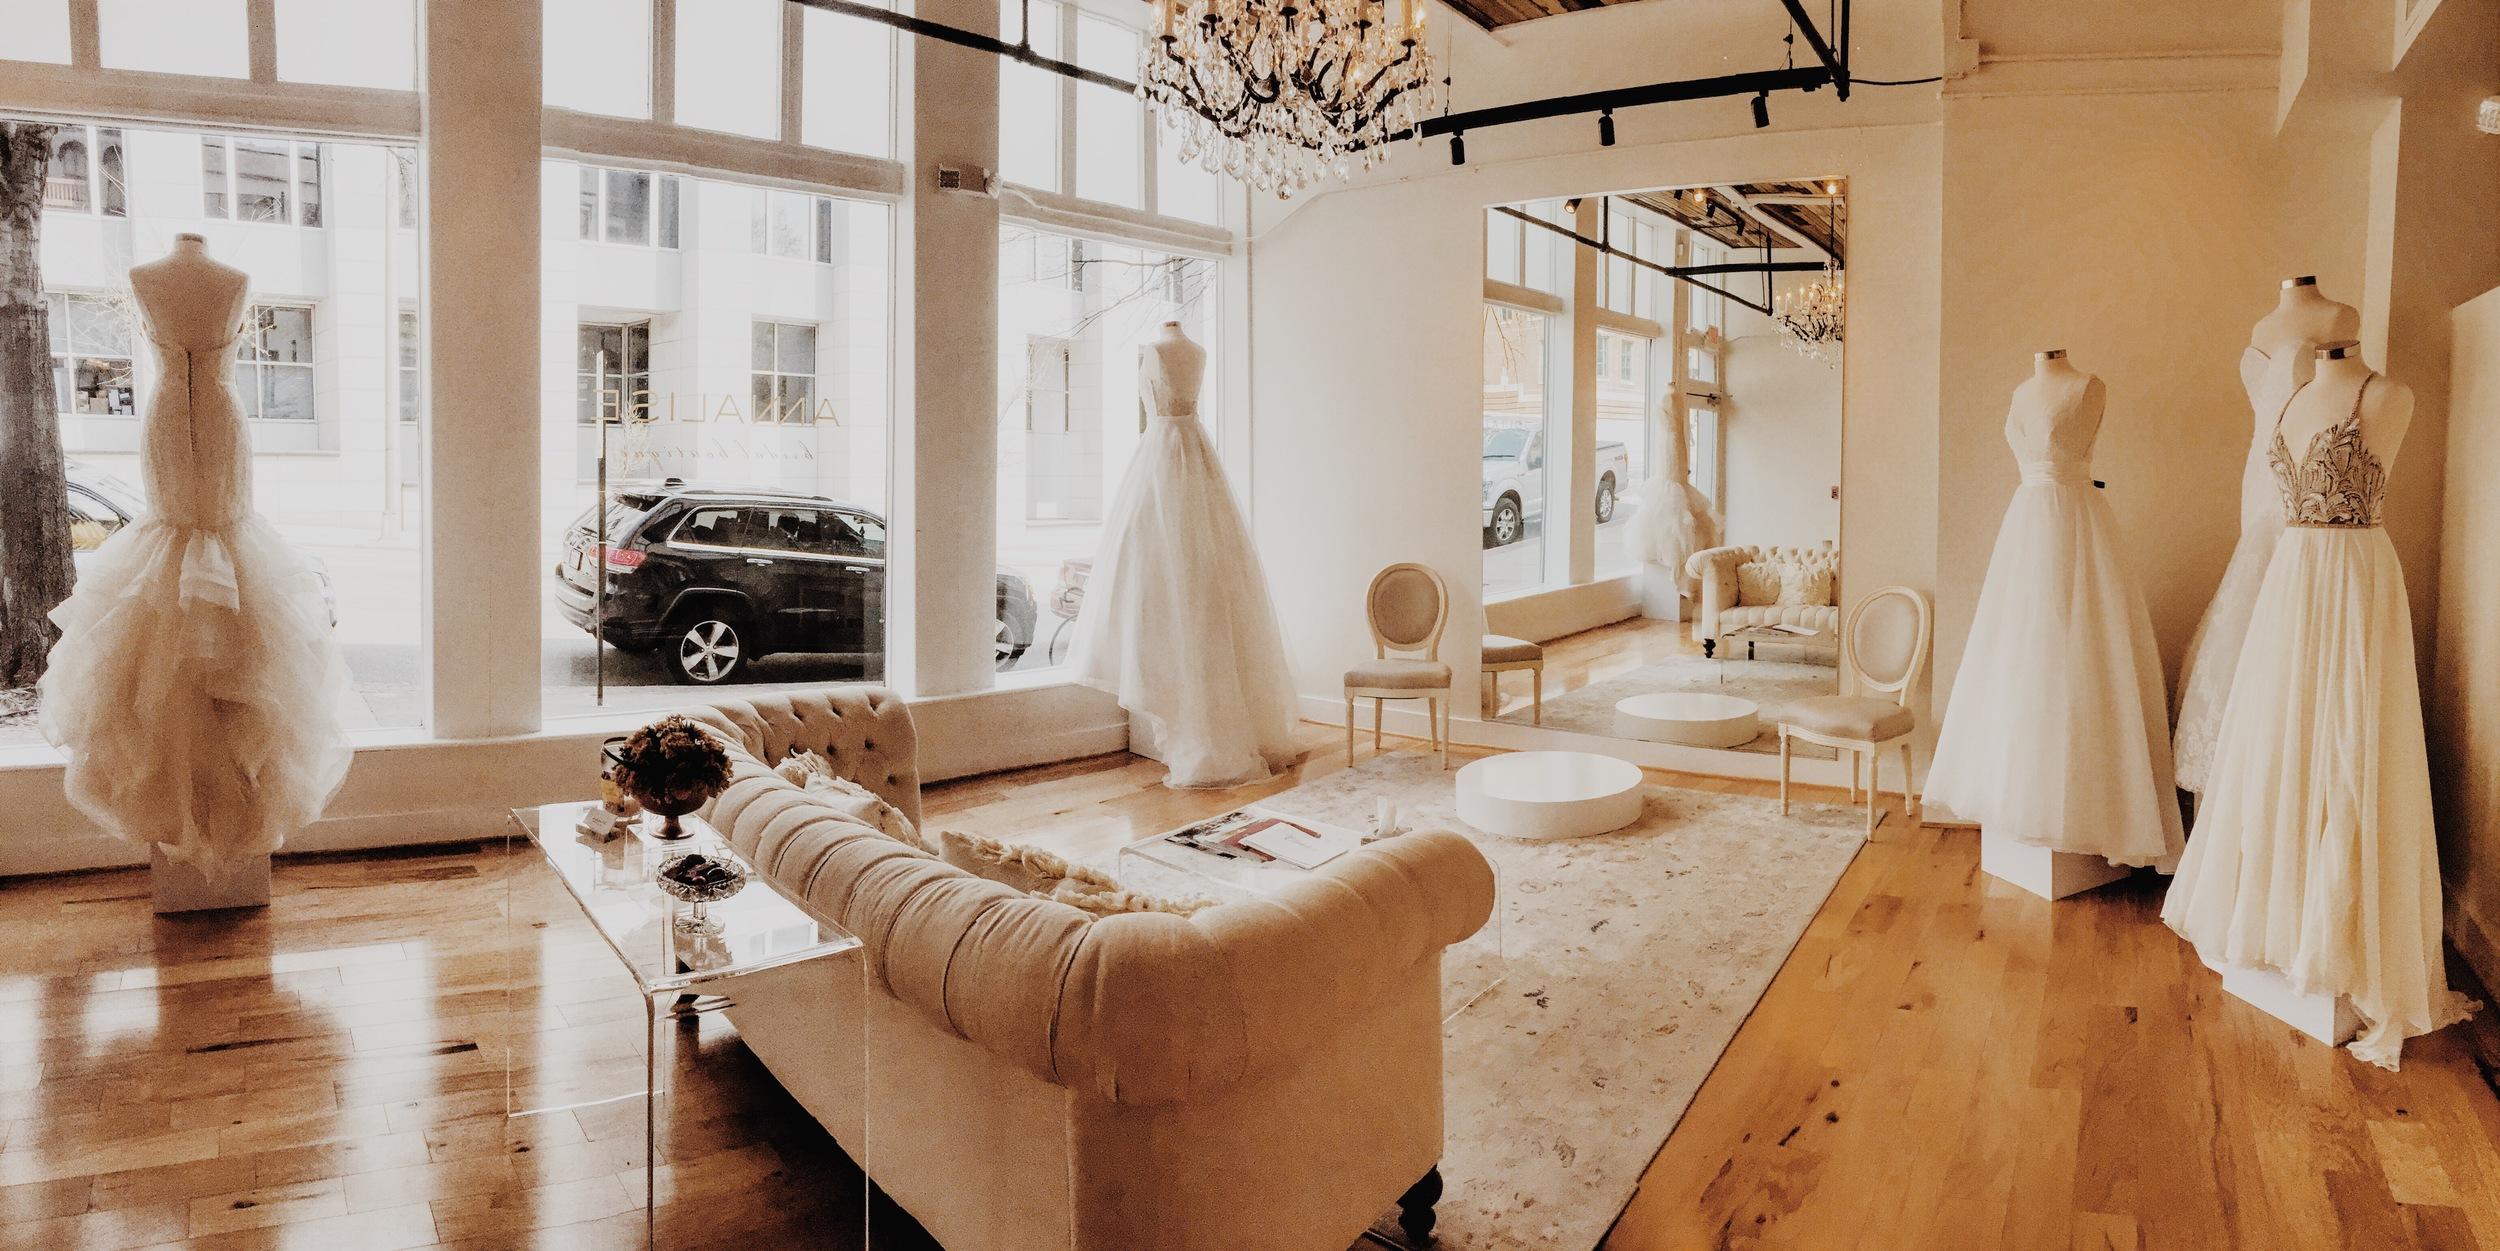 dae5d6d60b7a Feature Friday: Annalise Bridal Boutique. annalisebridalfrontroom.  annalisebridalfrontroom